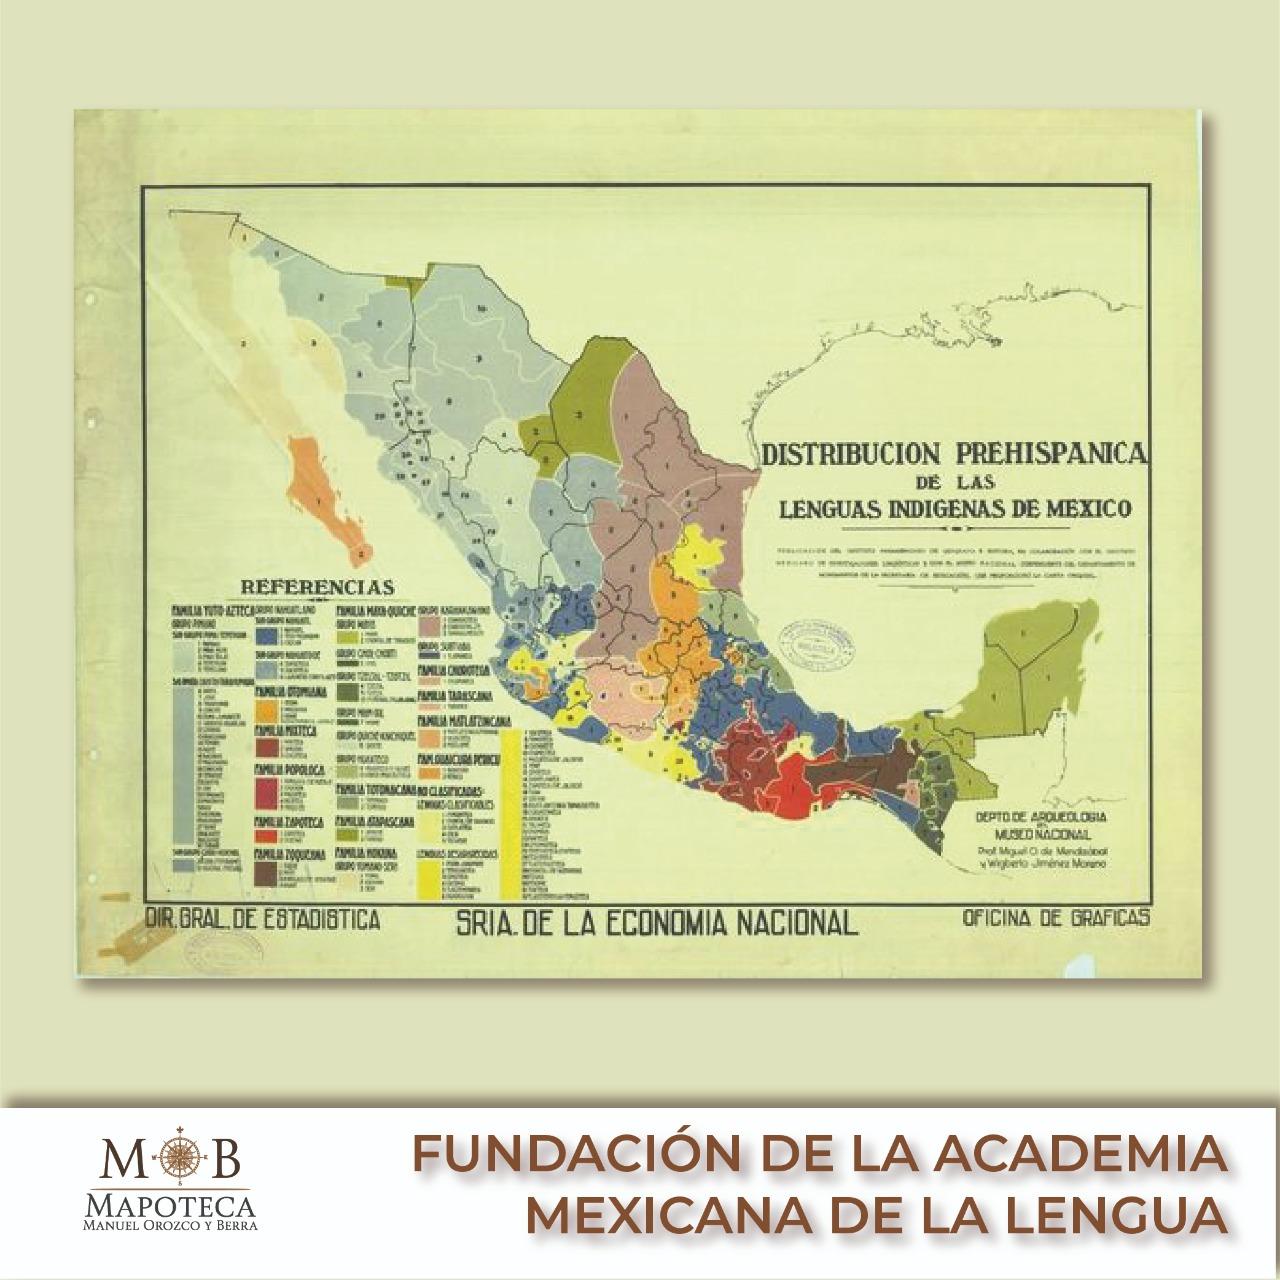 Fundación de la Academia Mexicana de la Lengua